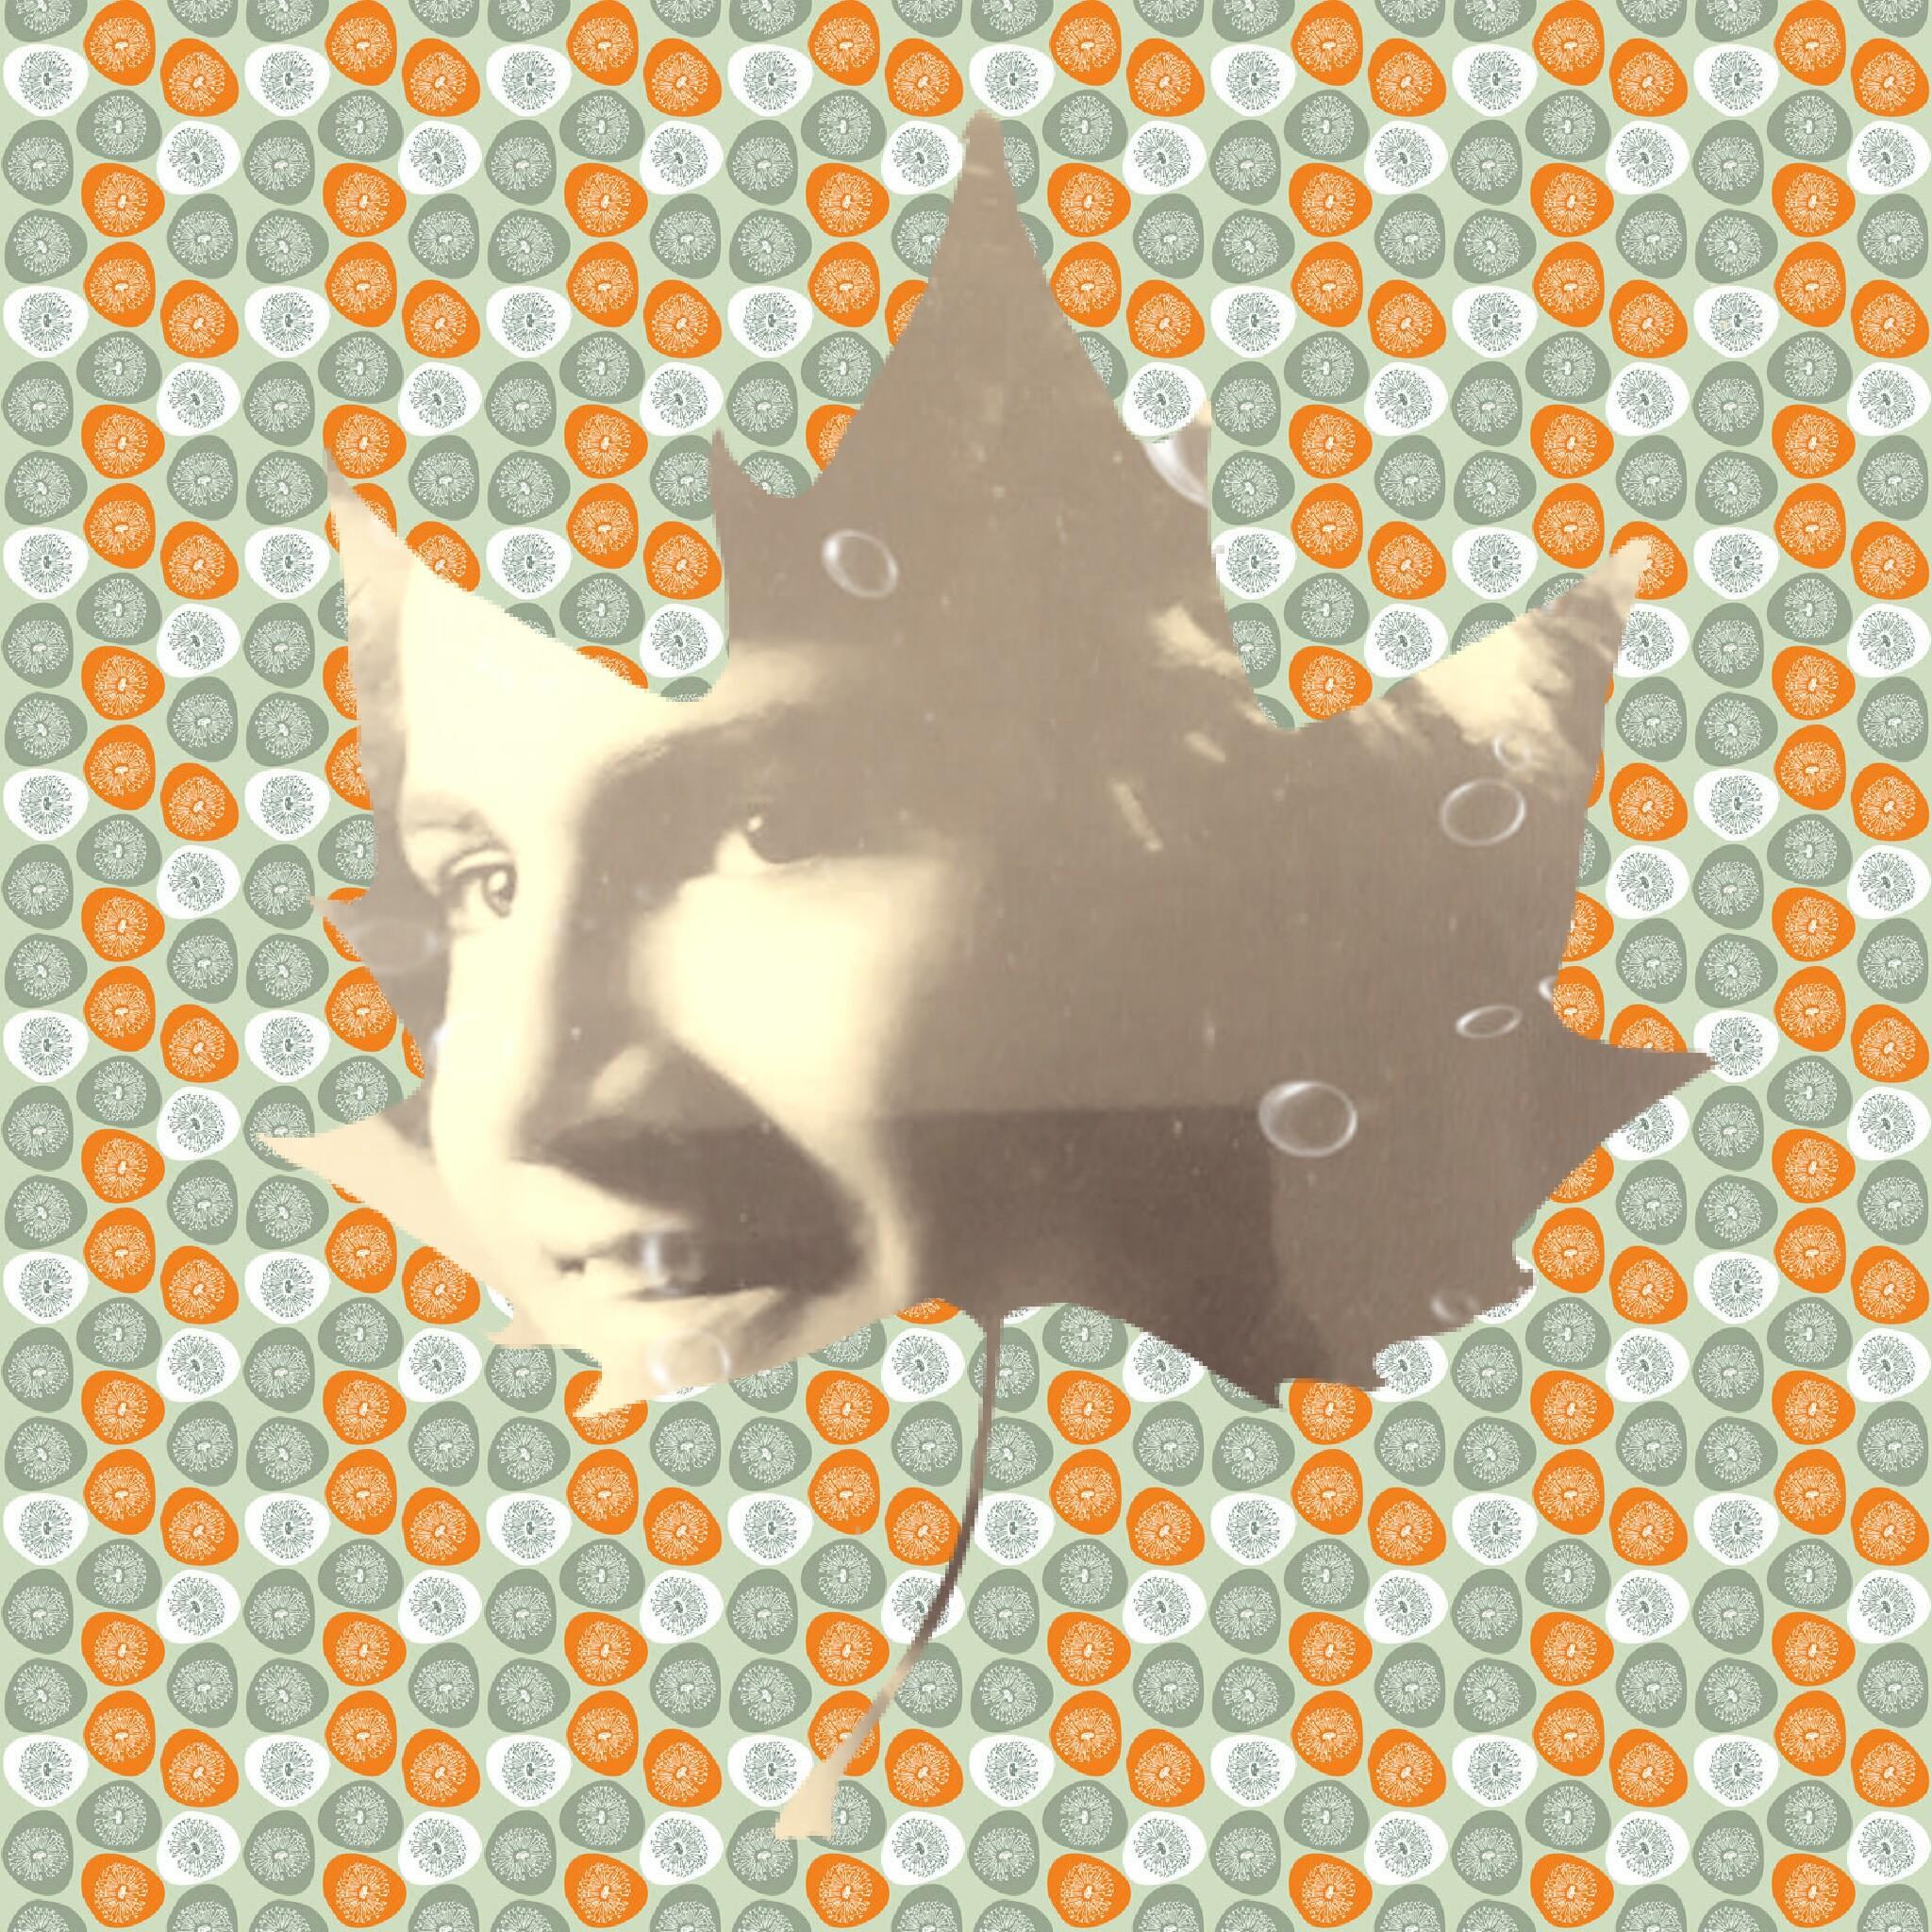 مكتبة صور وتصميمات  الكروان عماد عبد الحليم متجدد يوميا - صفحة 5 595352942